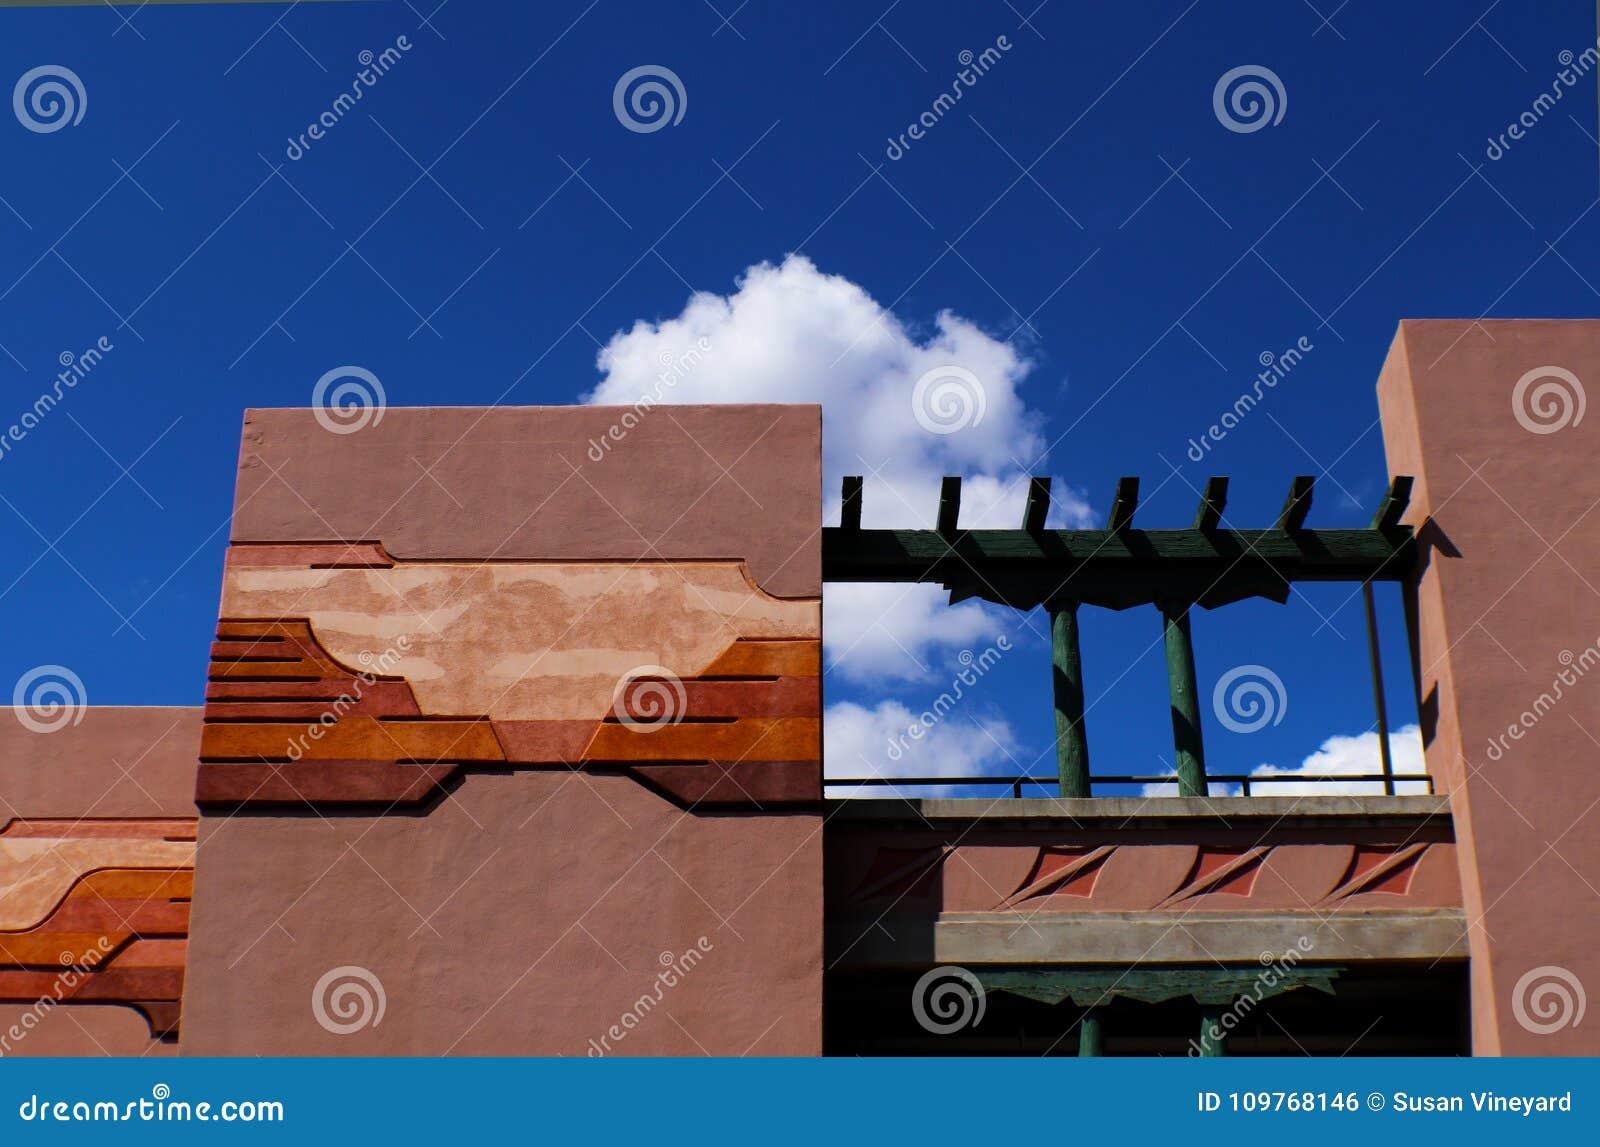 Архитектура с югозападным дизайном в штукатурке против голубого неба с облаками, Санта-Фе, Неш-Мексико